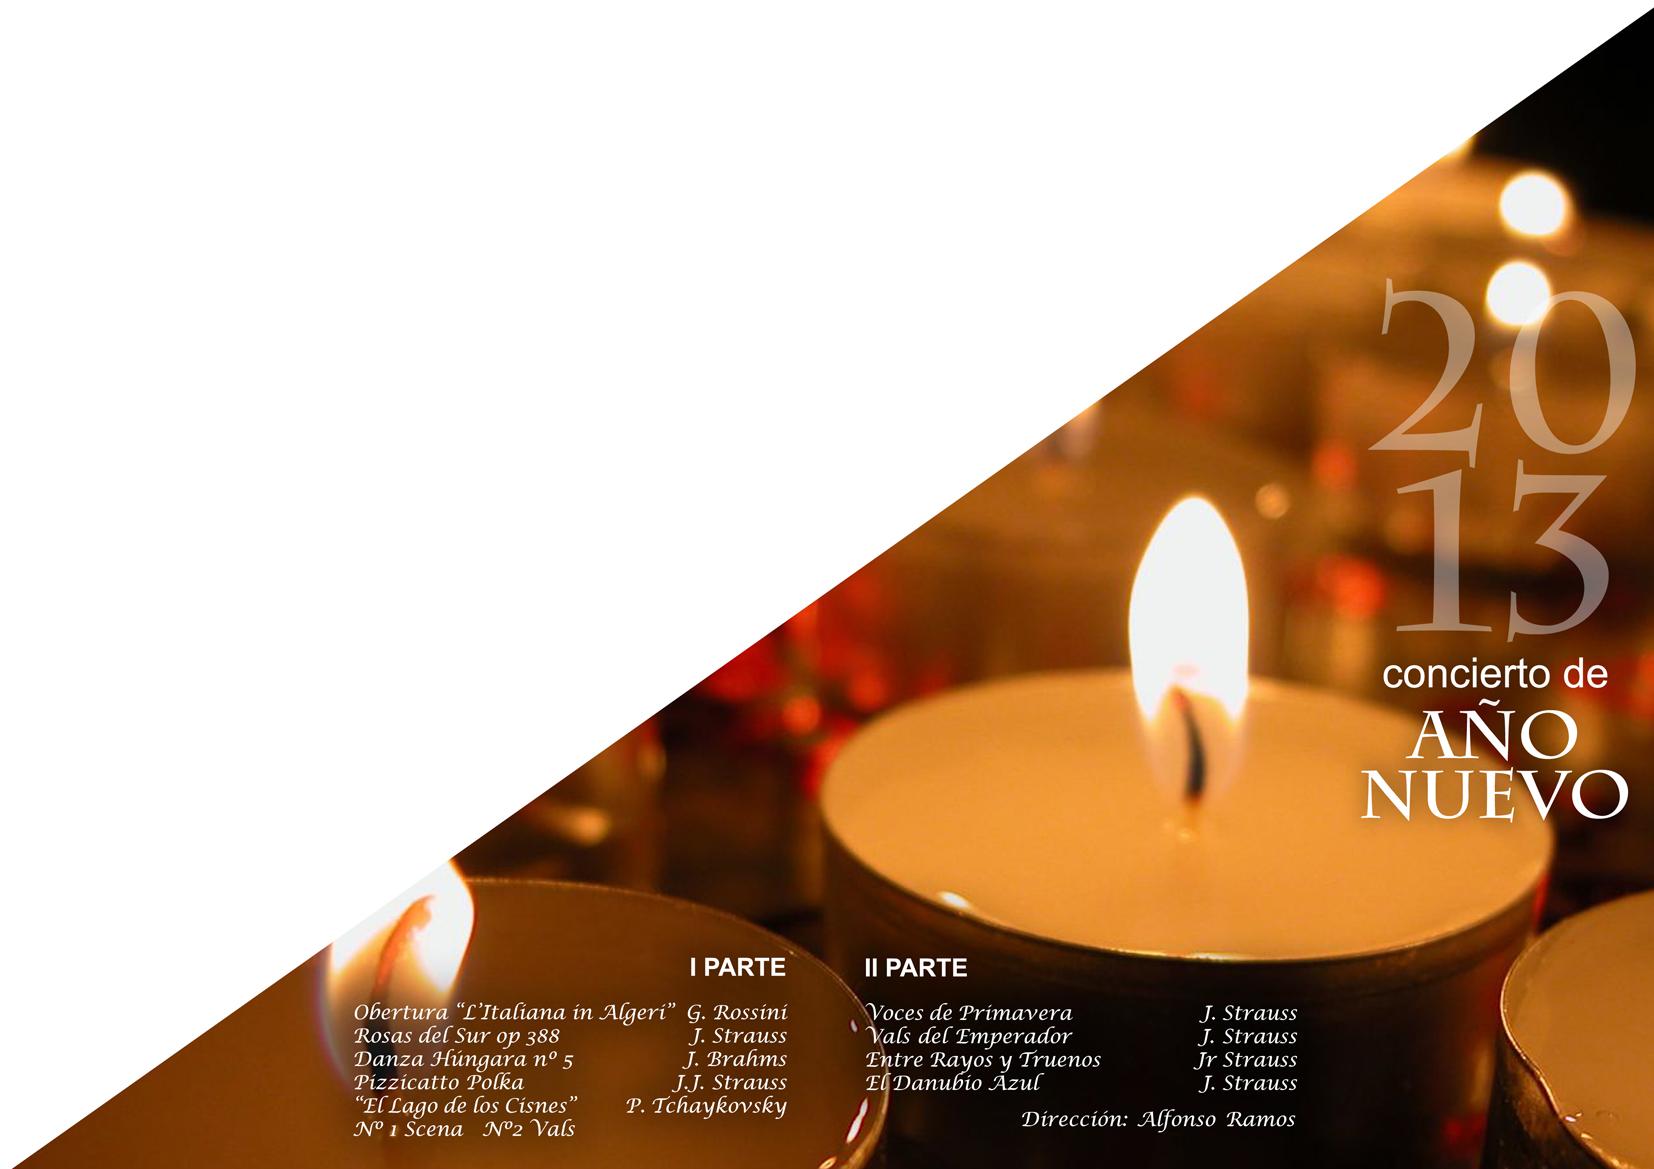 Concierto Año nuevo INTERIOR 2013